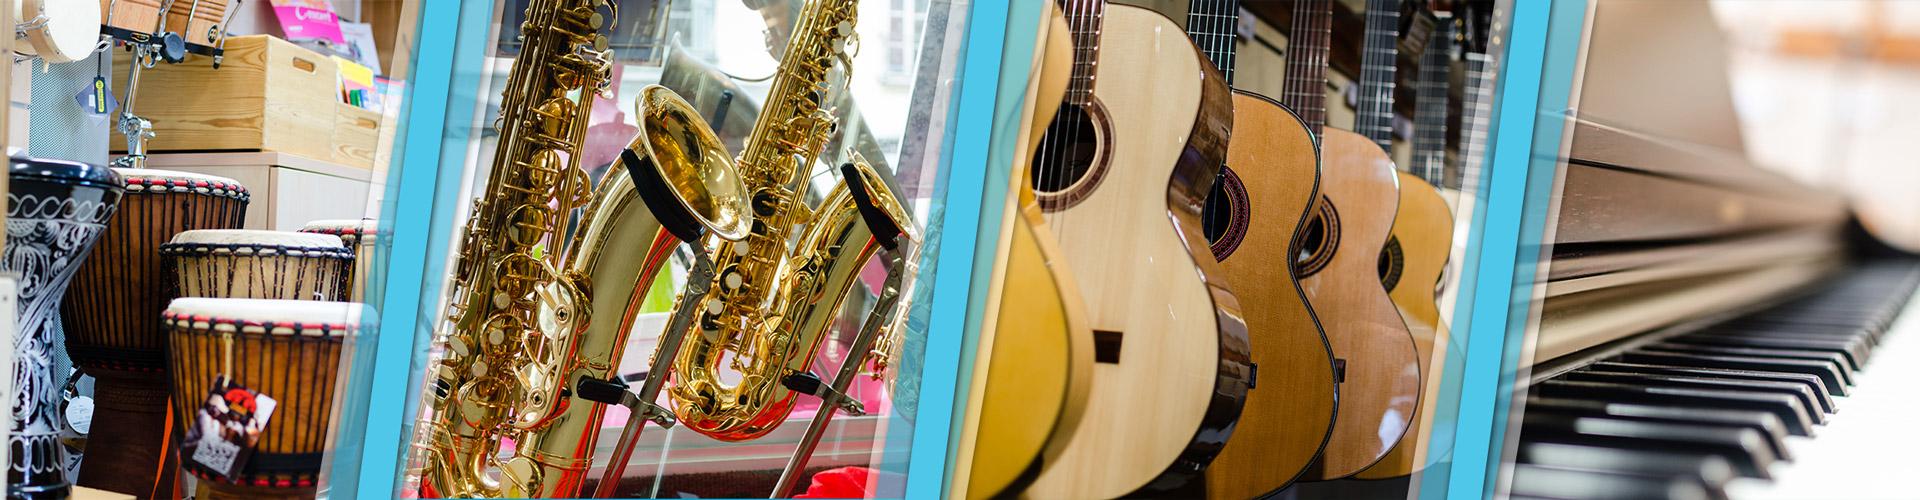 Un large choix d'instruments de musique | Rousseau Musique